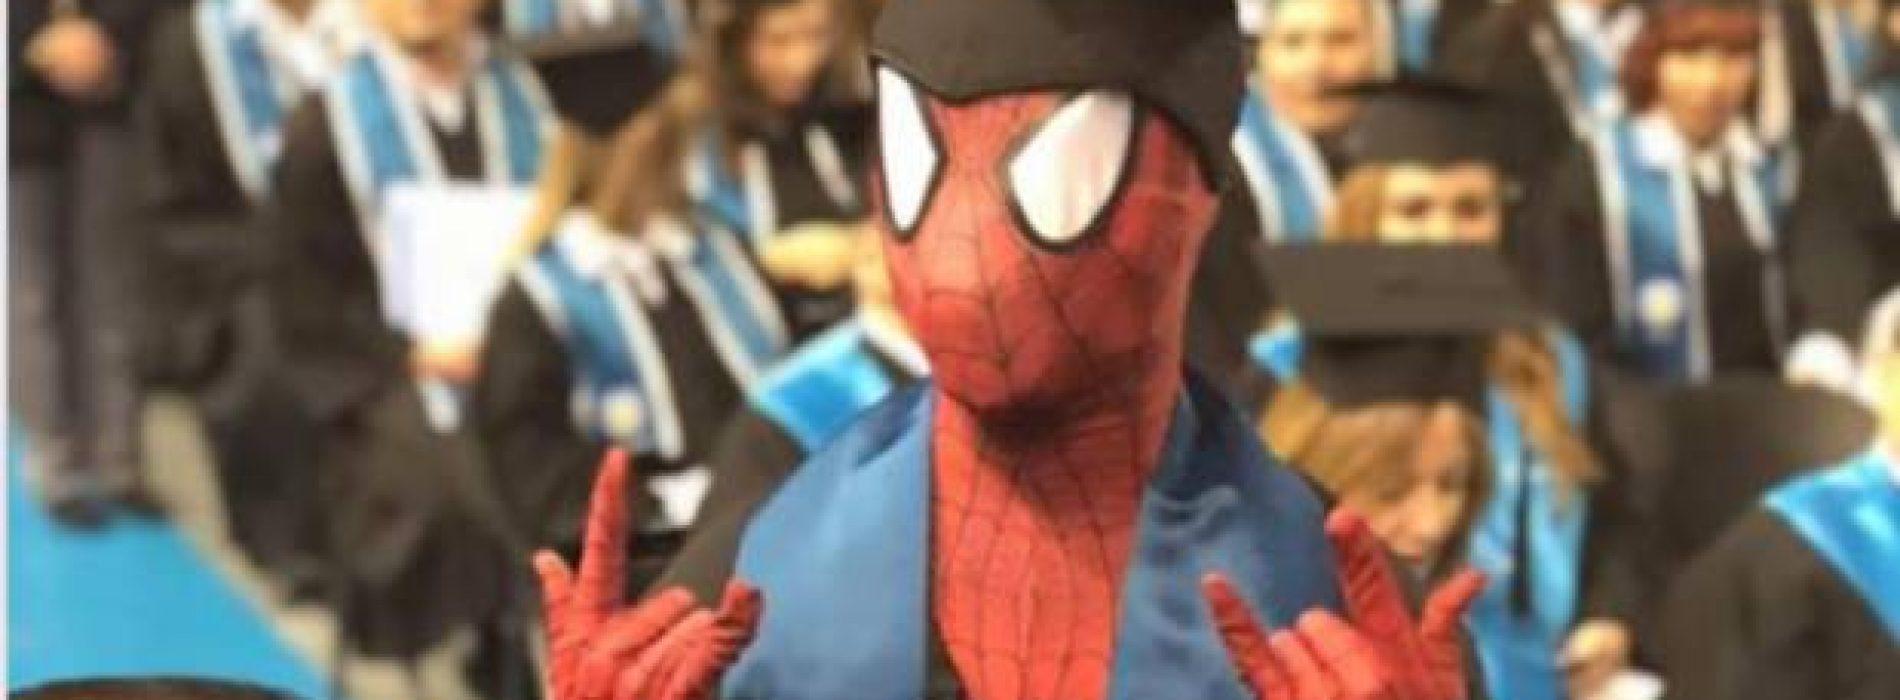 Se gradúa vestido de Spiderman; era su sueño de niño